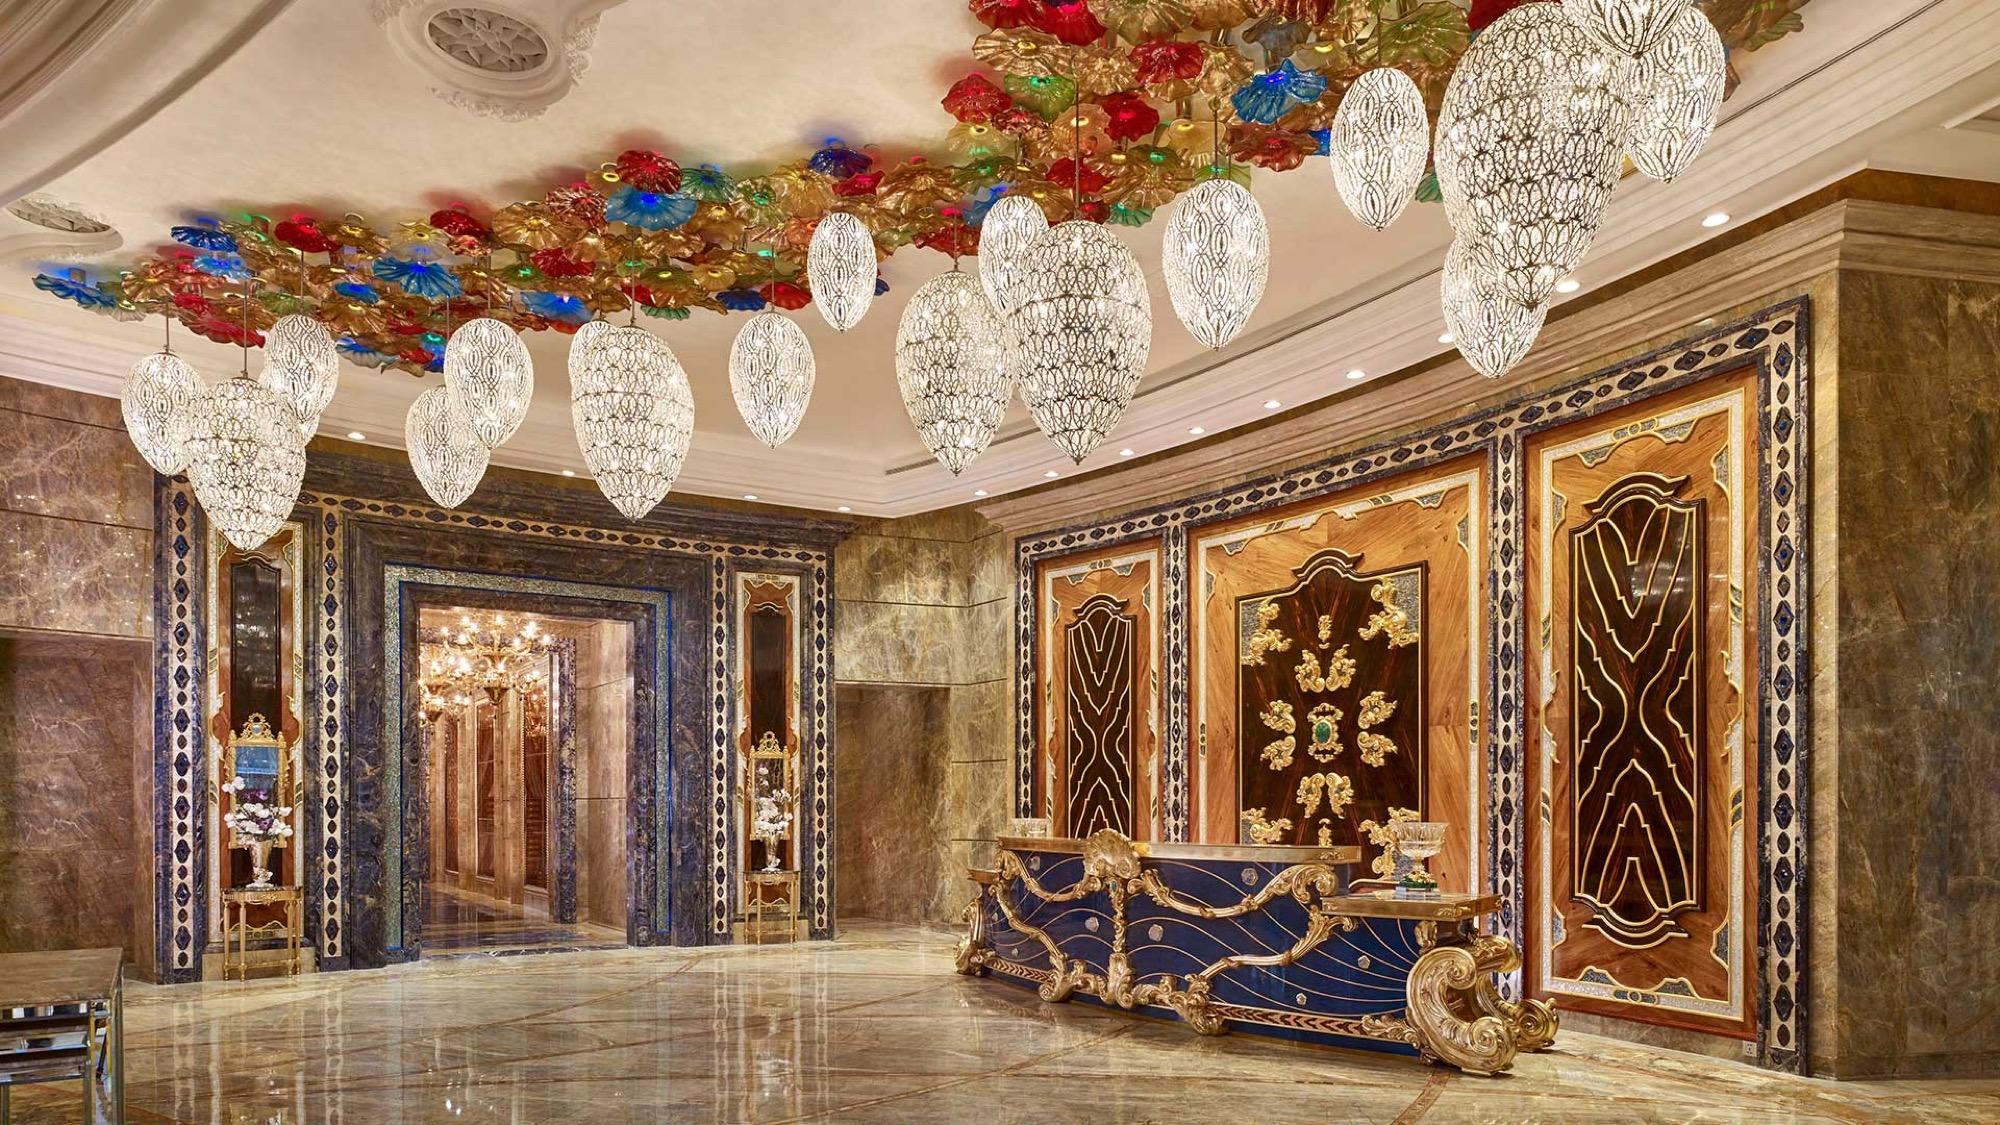 Kiến trúc và phong cách Ý là thiết kế chung của toàn bộ không gian khách sạn